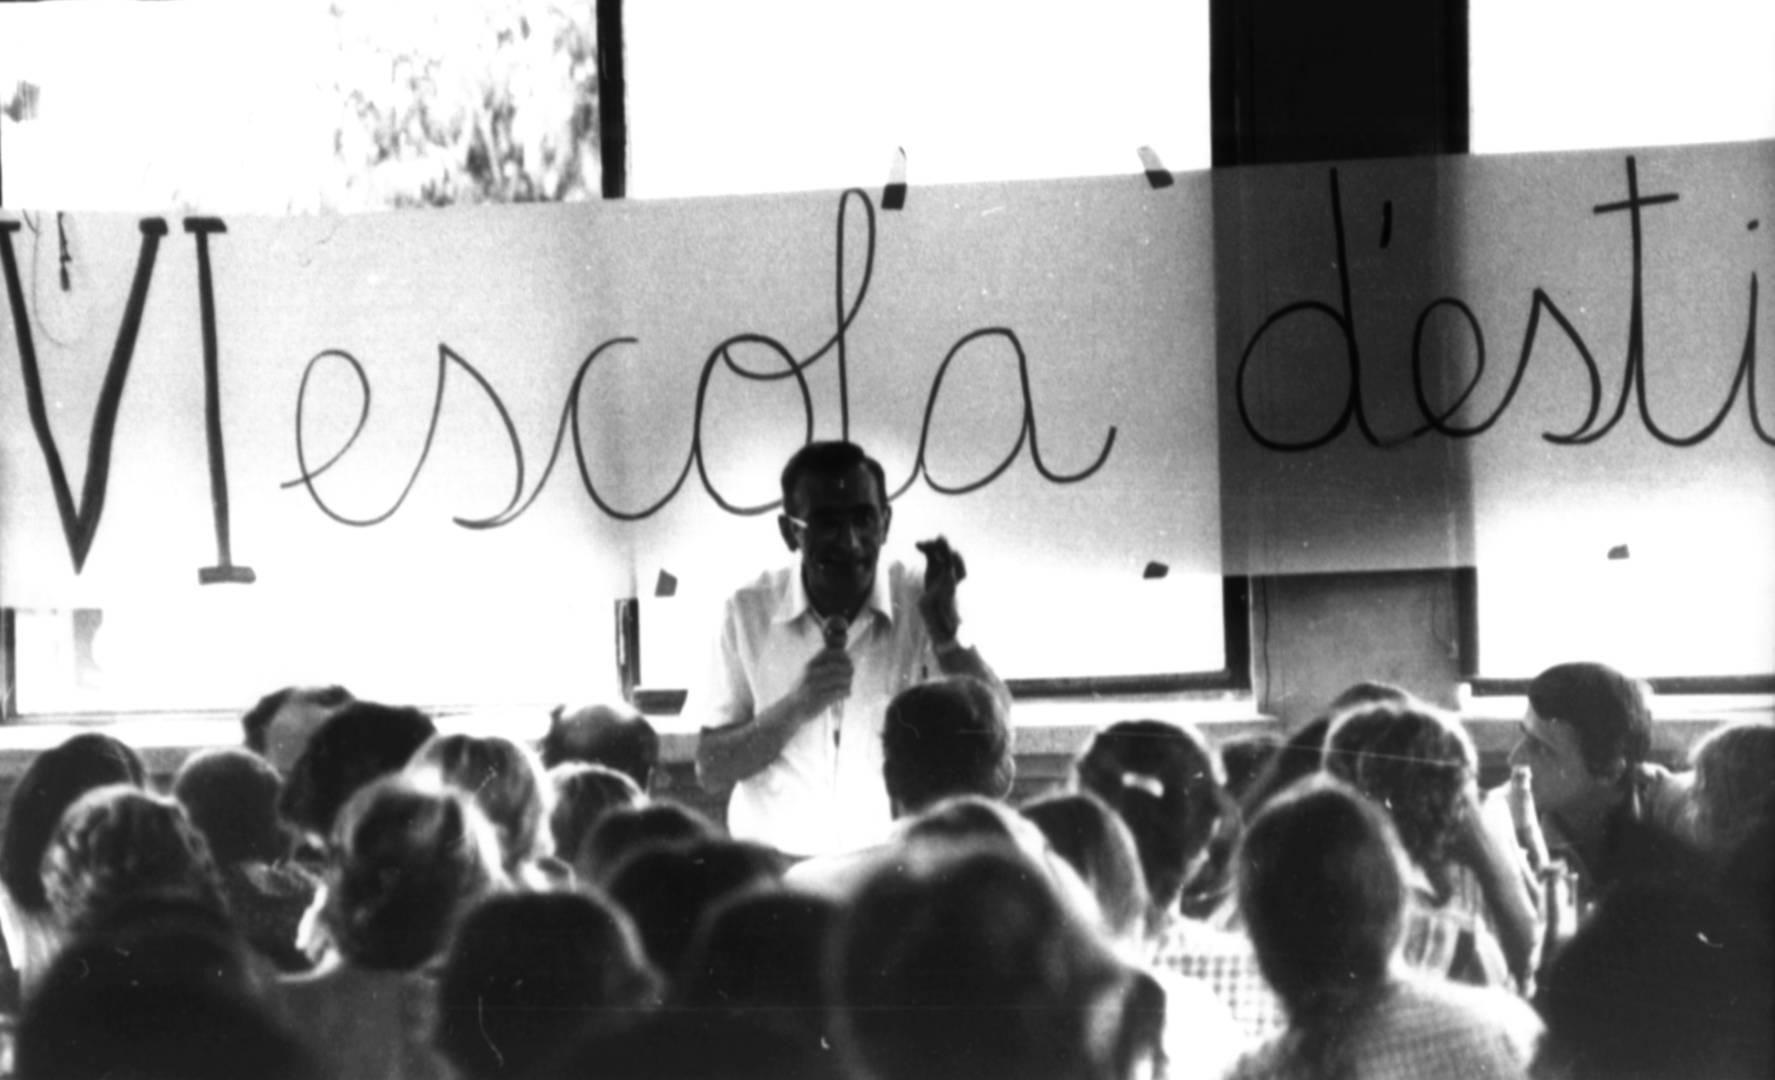 Xerrada - Les experiències de renovació pedagògica en els inicis de la transició democràtica: l'escola d'estiu